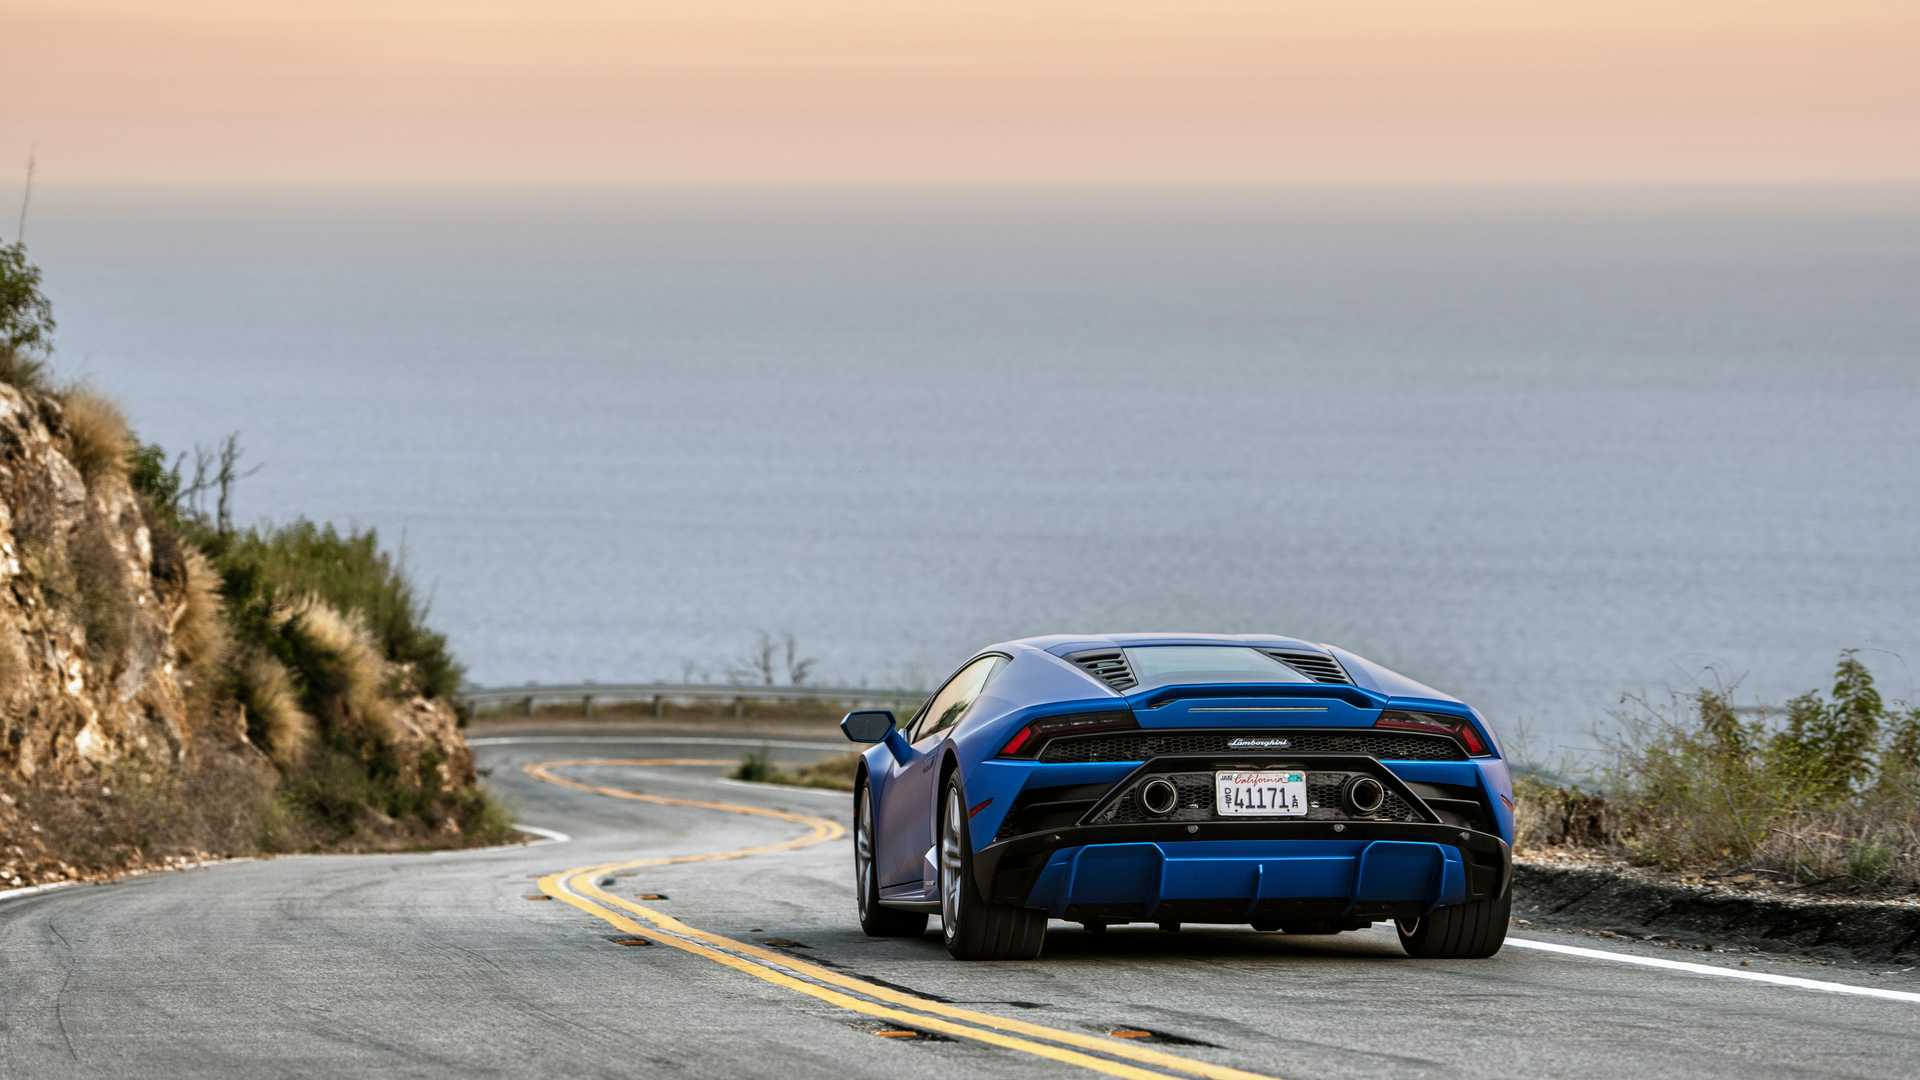 2020 Lamborghini Huracan Evo RWD rear action